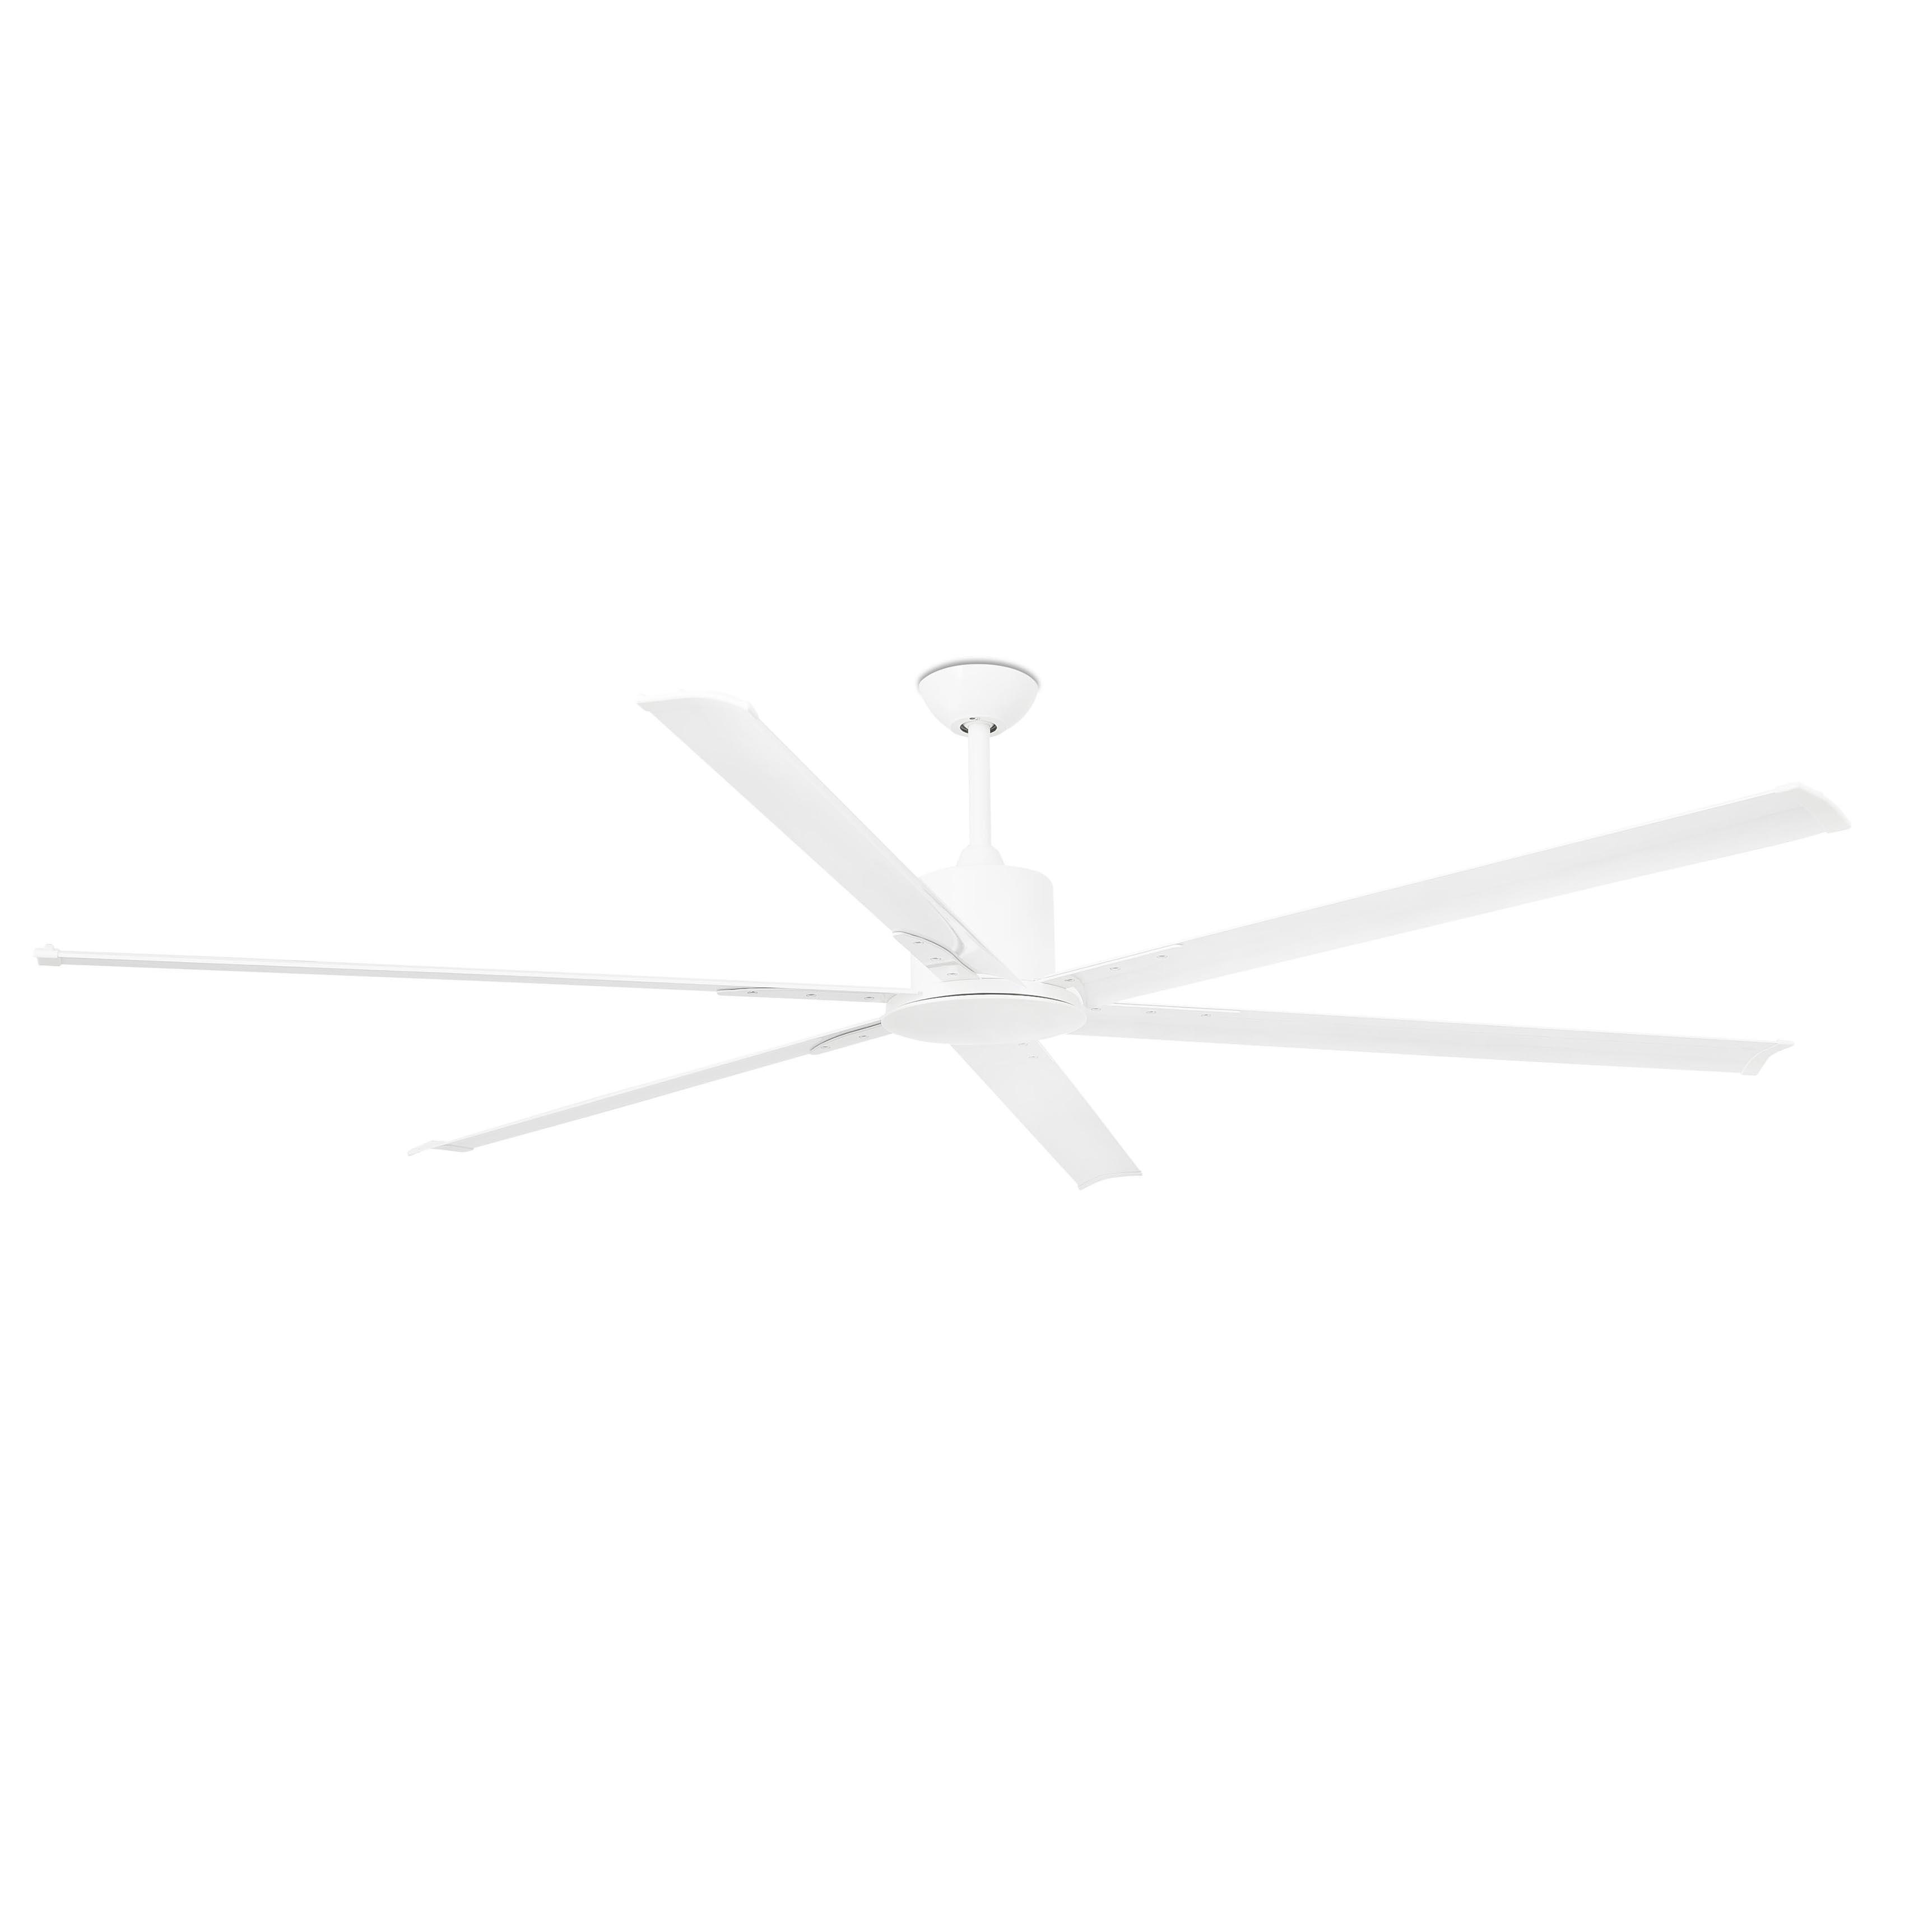 Andros Ventilador ø213cm 6 aspas Blanco